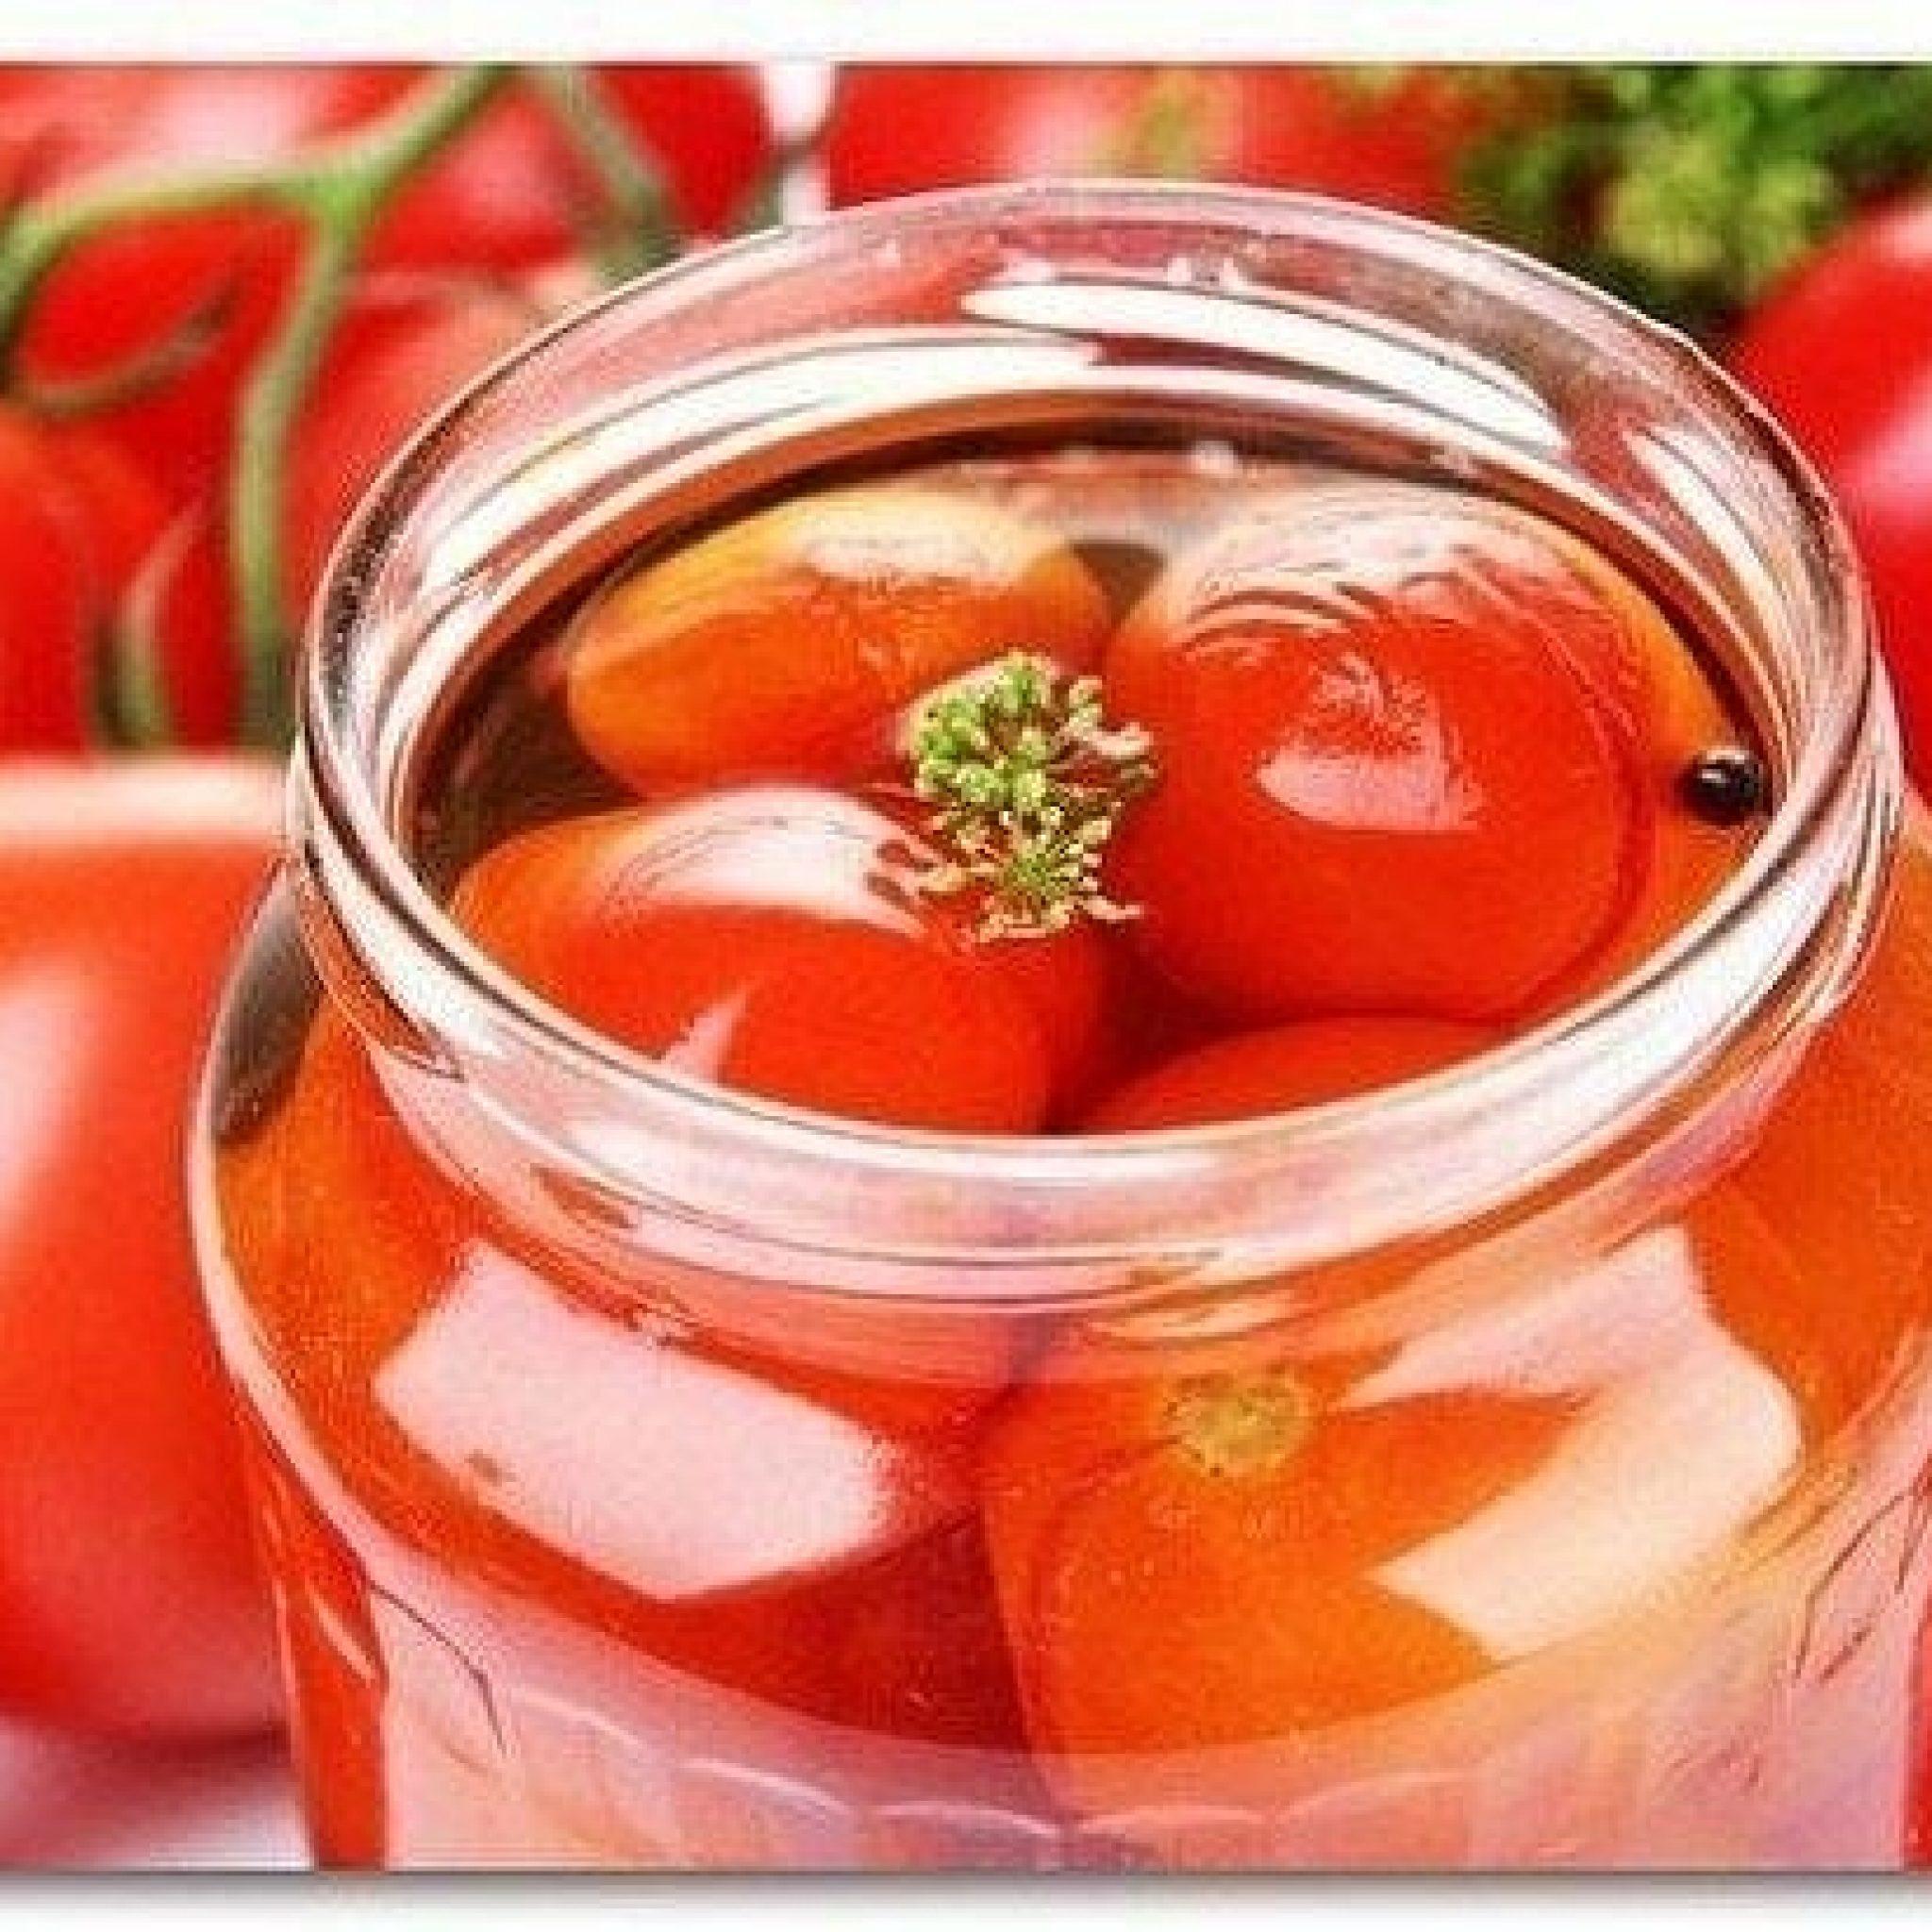 государственный, консервируем помидоры на зиму рецепты с фото каждой